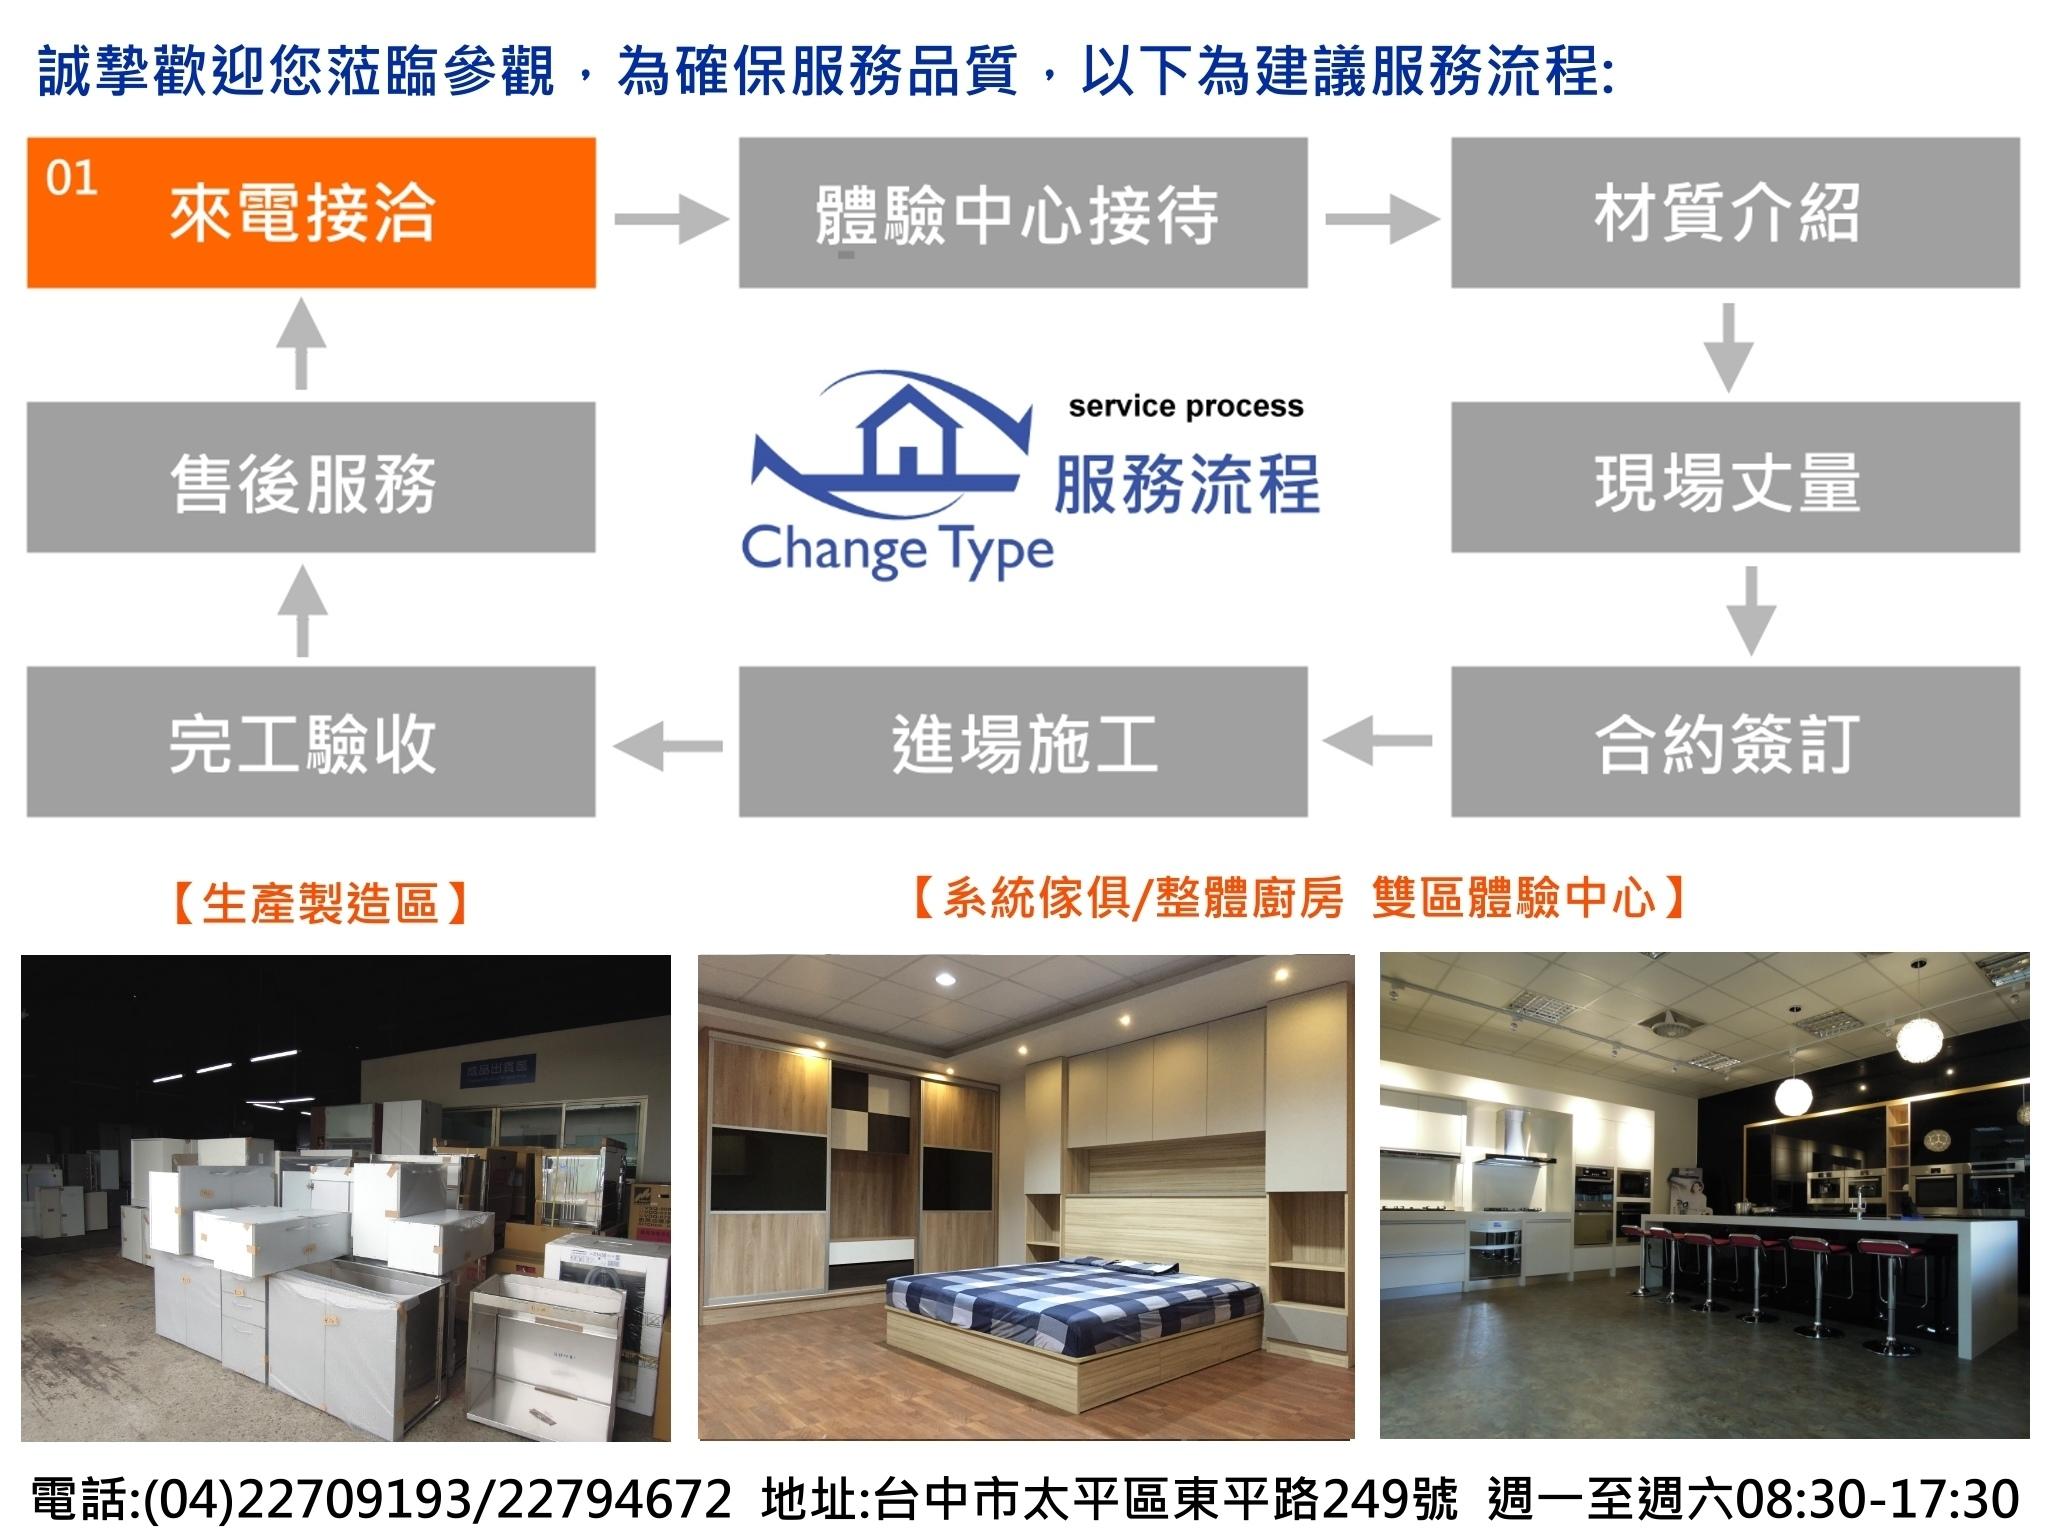 服務流程 (4)